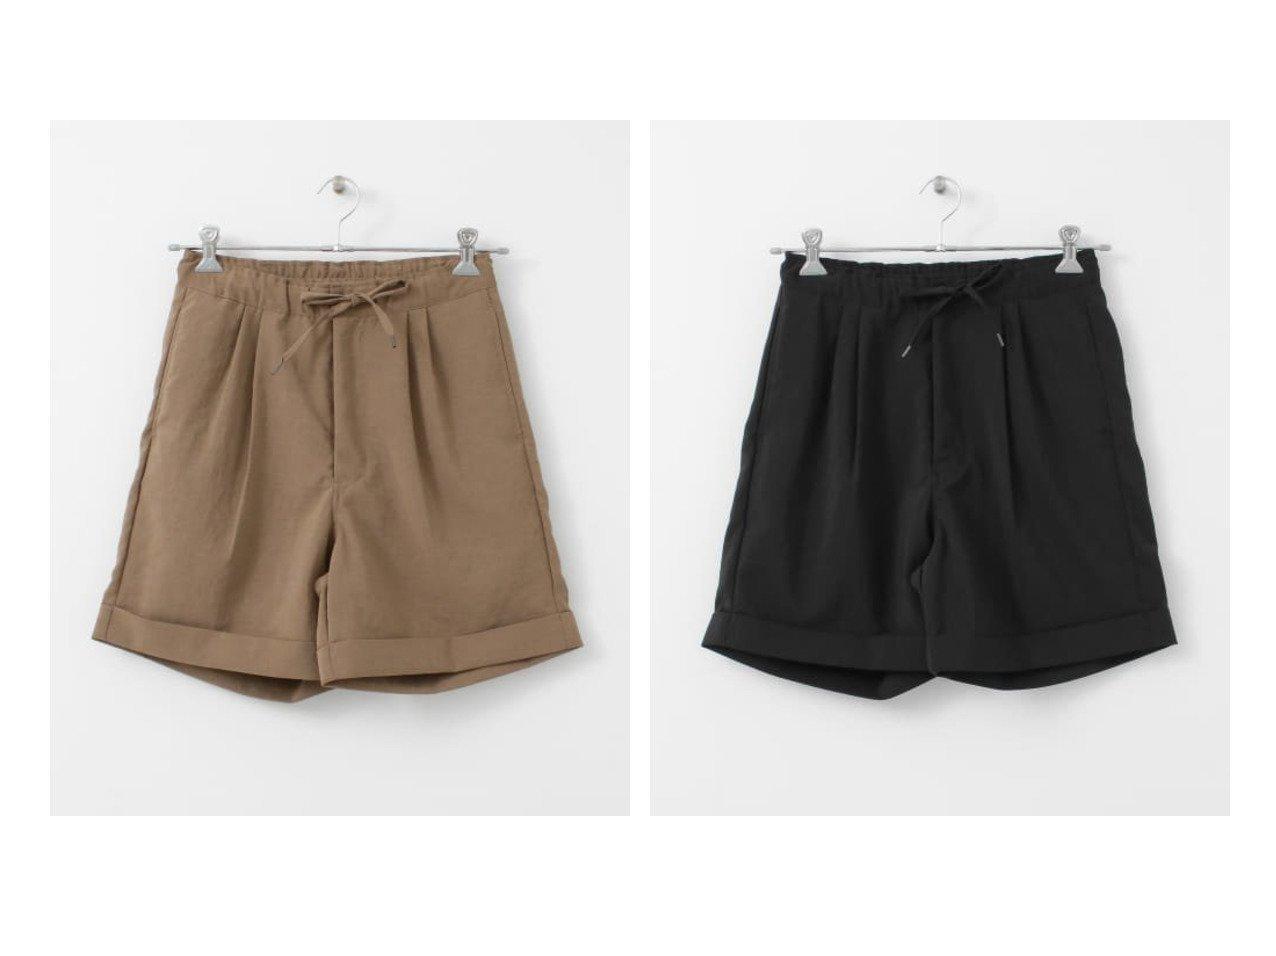 【URBAN RESEARCH DOORS/アーバンリサーチ ドアーズ】のUNIFY Dry Tuck Half Shorts 【パンツ】おすすめ!人気、トレンド・レディースファッションの通販 おすすめで人気の流行・トレンド、ファッションの通販商品 インテリア・家具・メンズファッション・キッズファッション・レディースファッション・服の通販 founy(ファニー) https://founy.com/ ファッション Fashion レディースファッション WOMEN パンツ Pants ポケット メンズ リラックス  ID:crp329100000058596